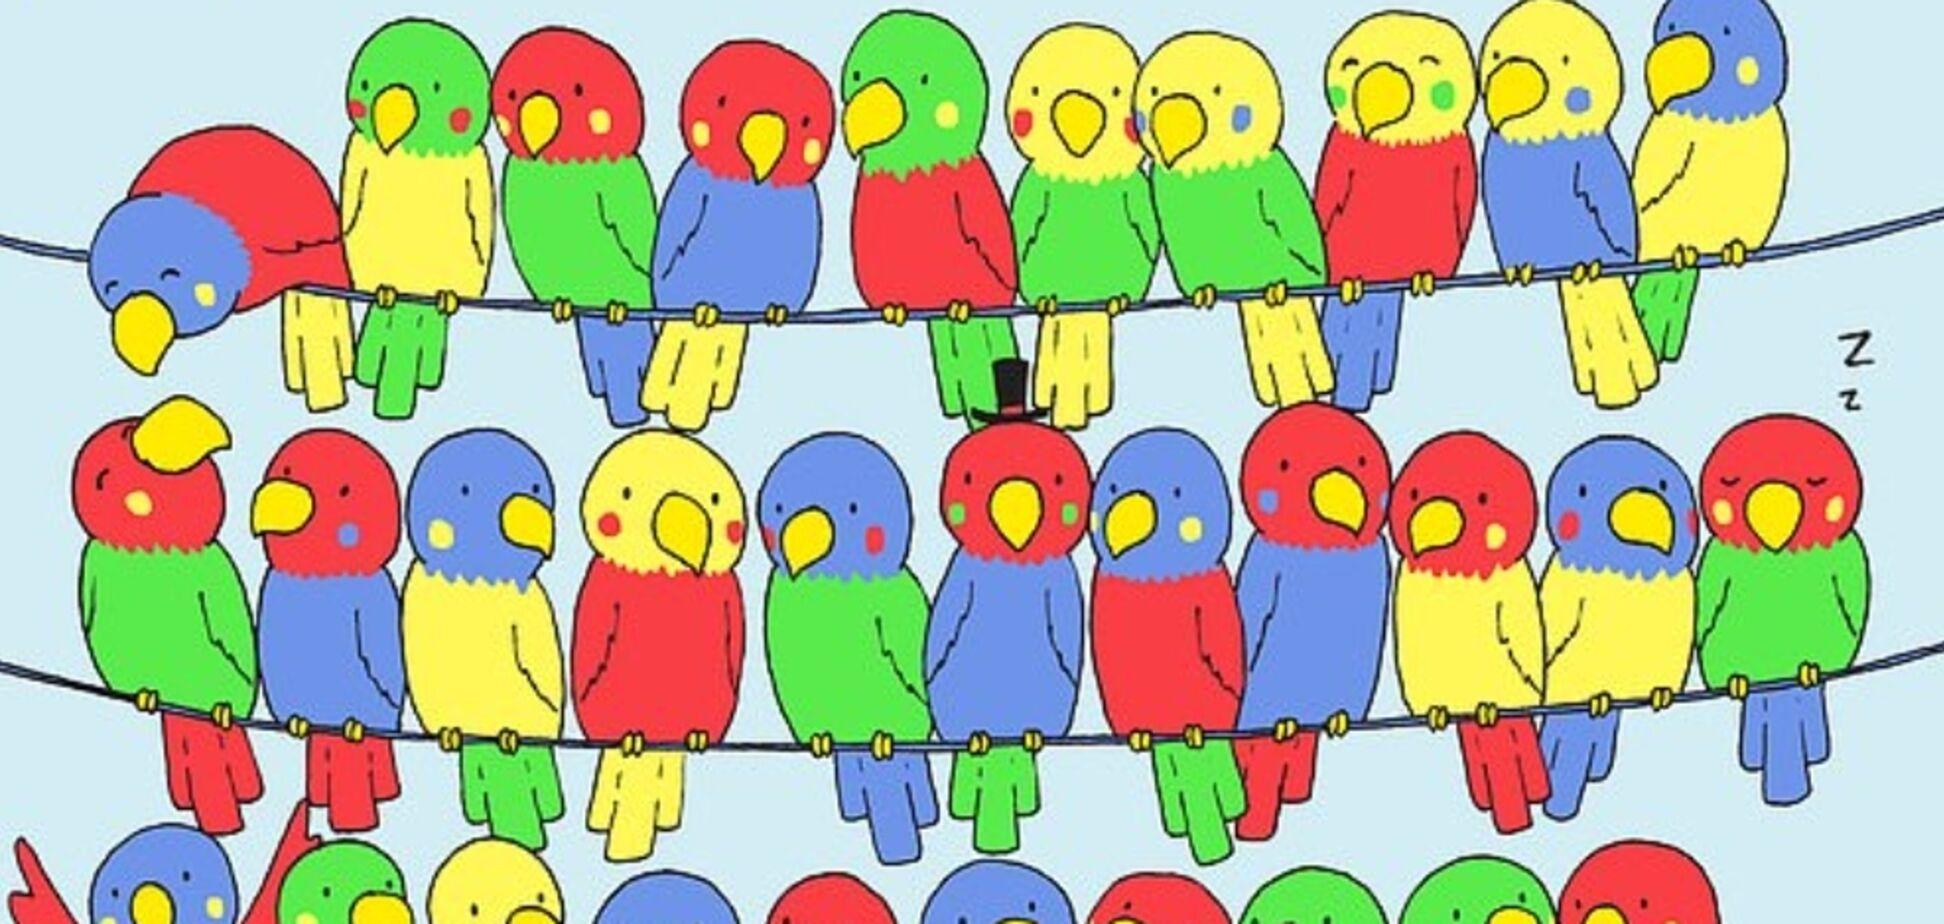 Знайди самотню папугу: в мережі спантеличені новою головоломкою